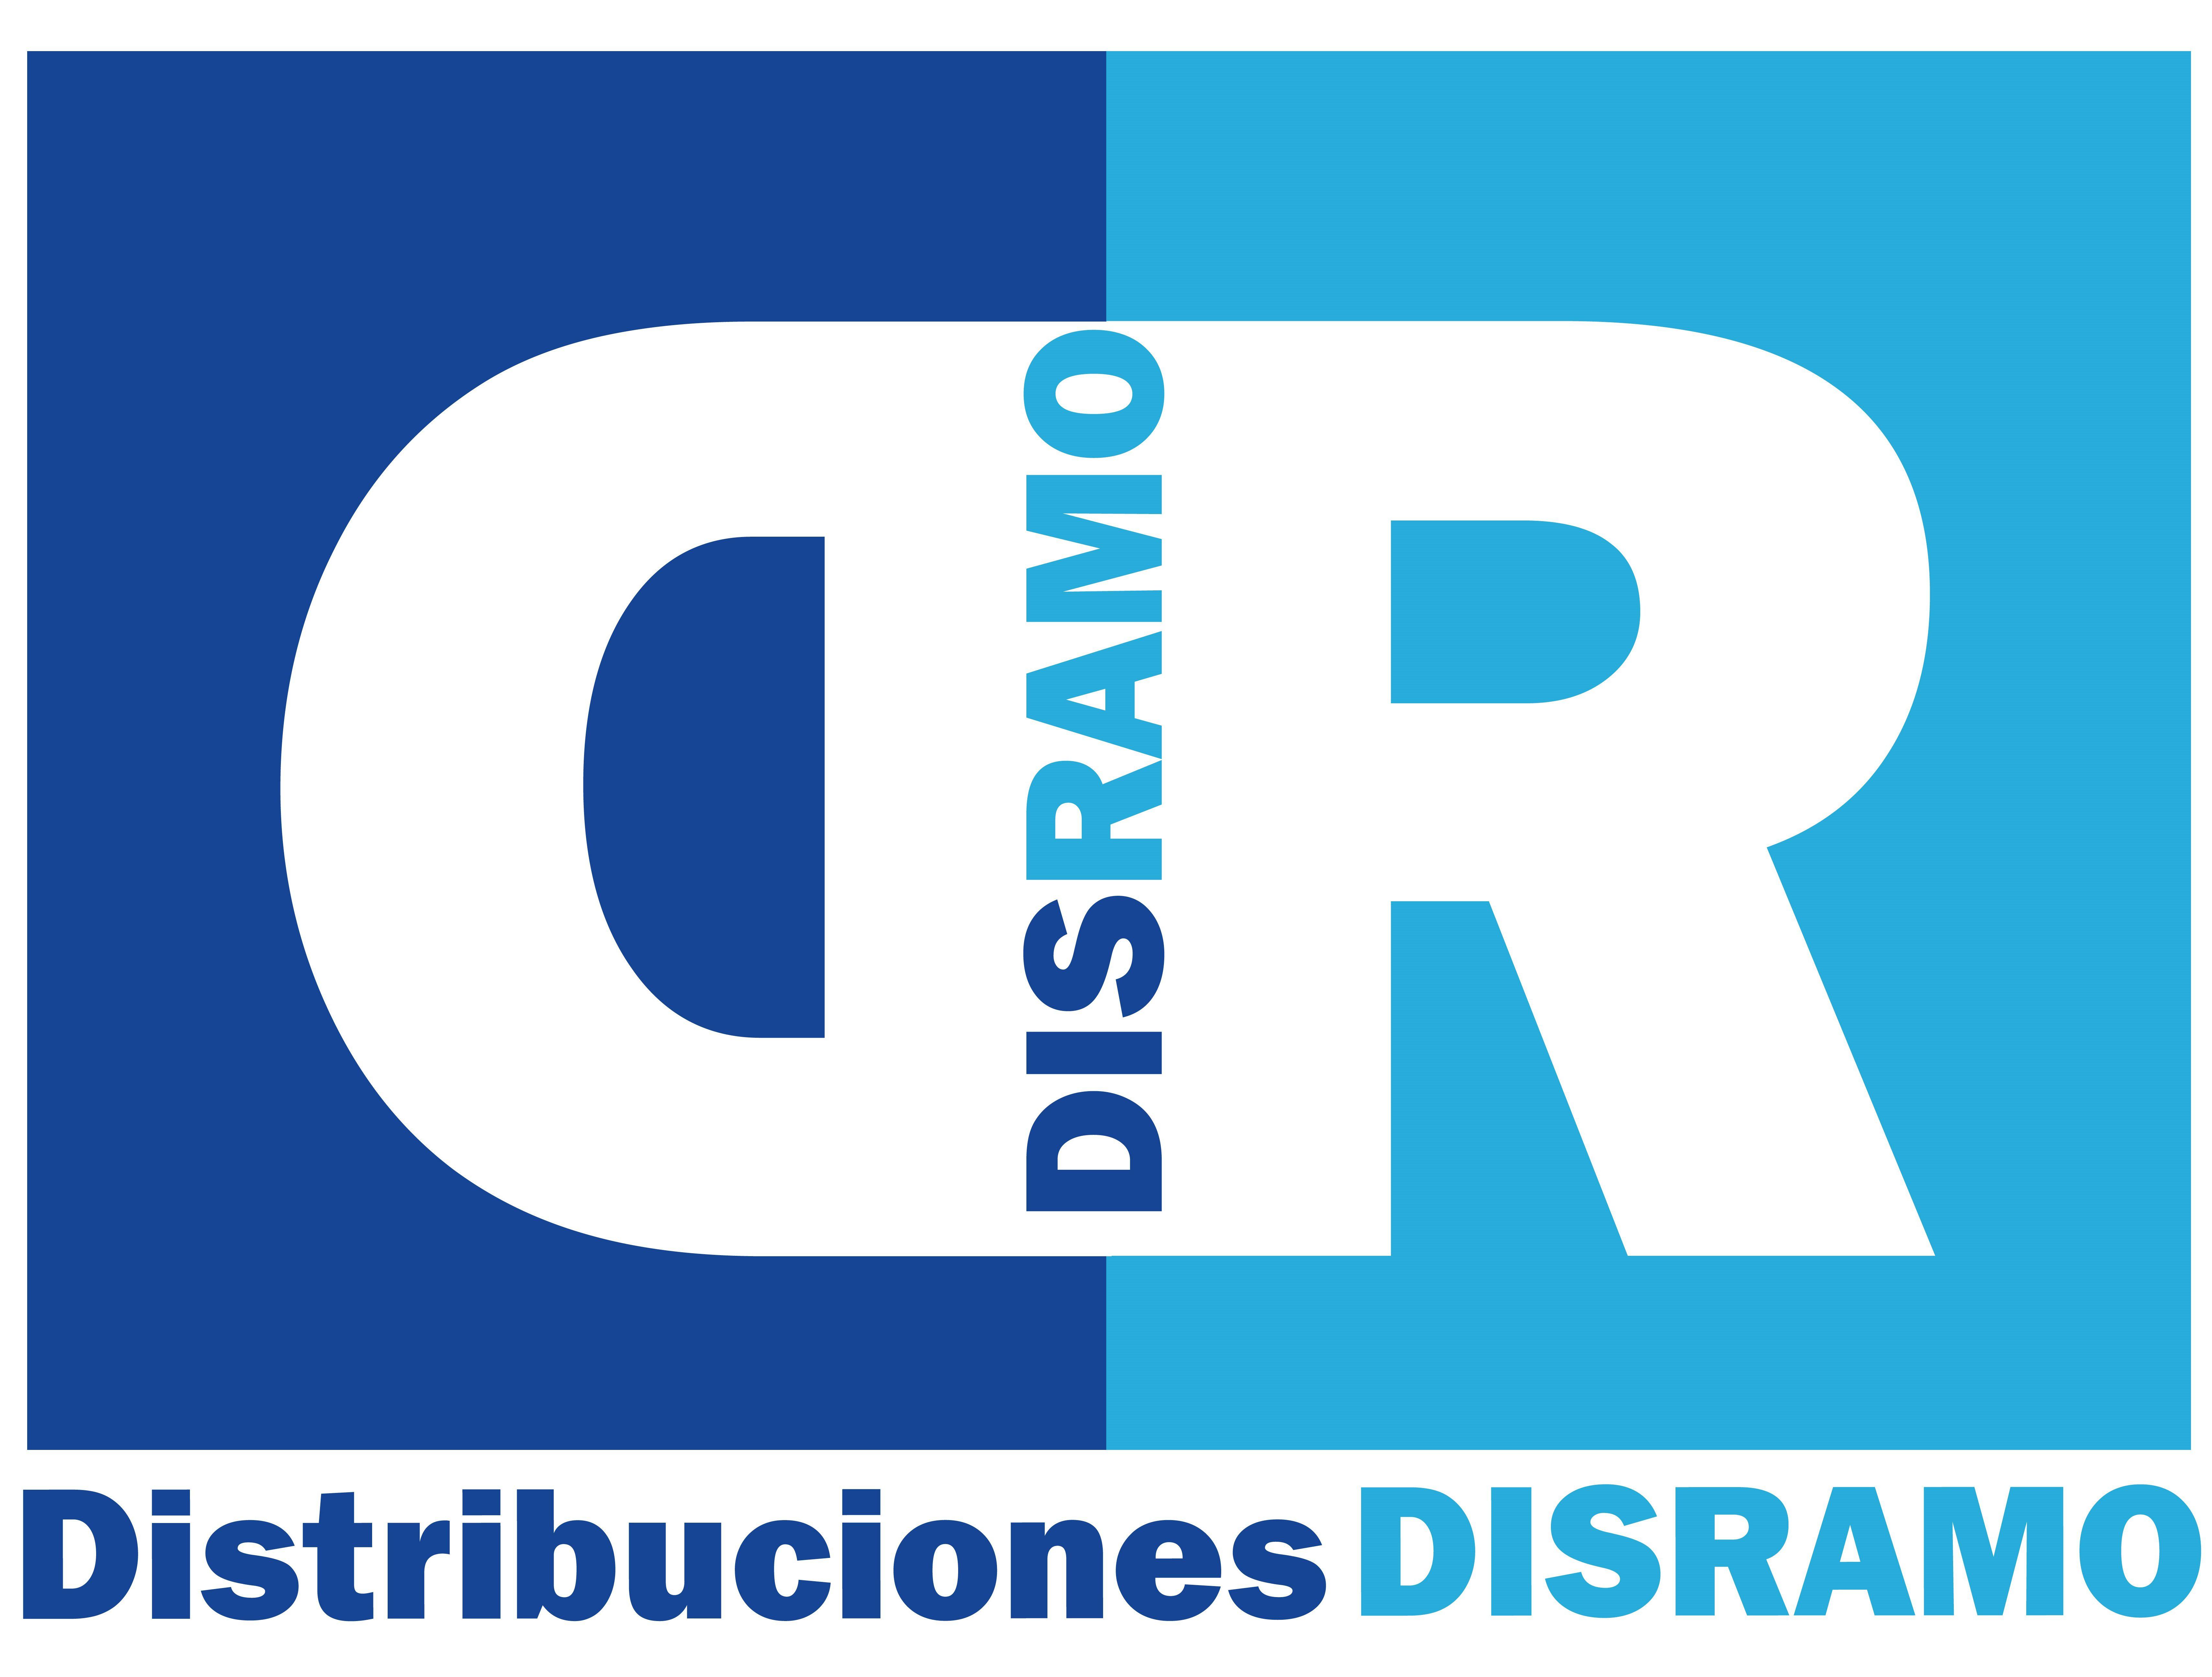 Distribuciones Disramo